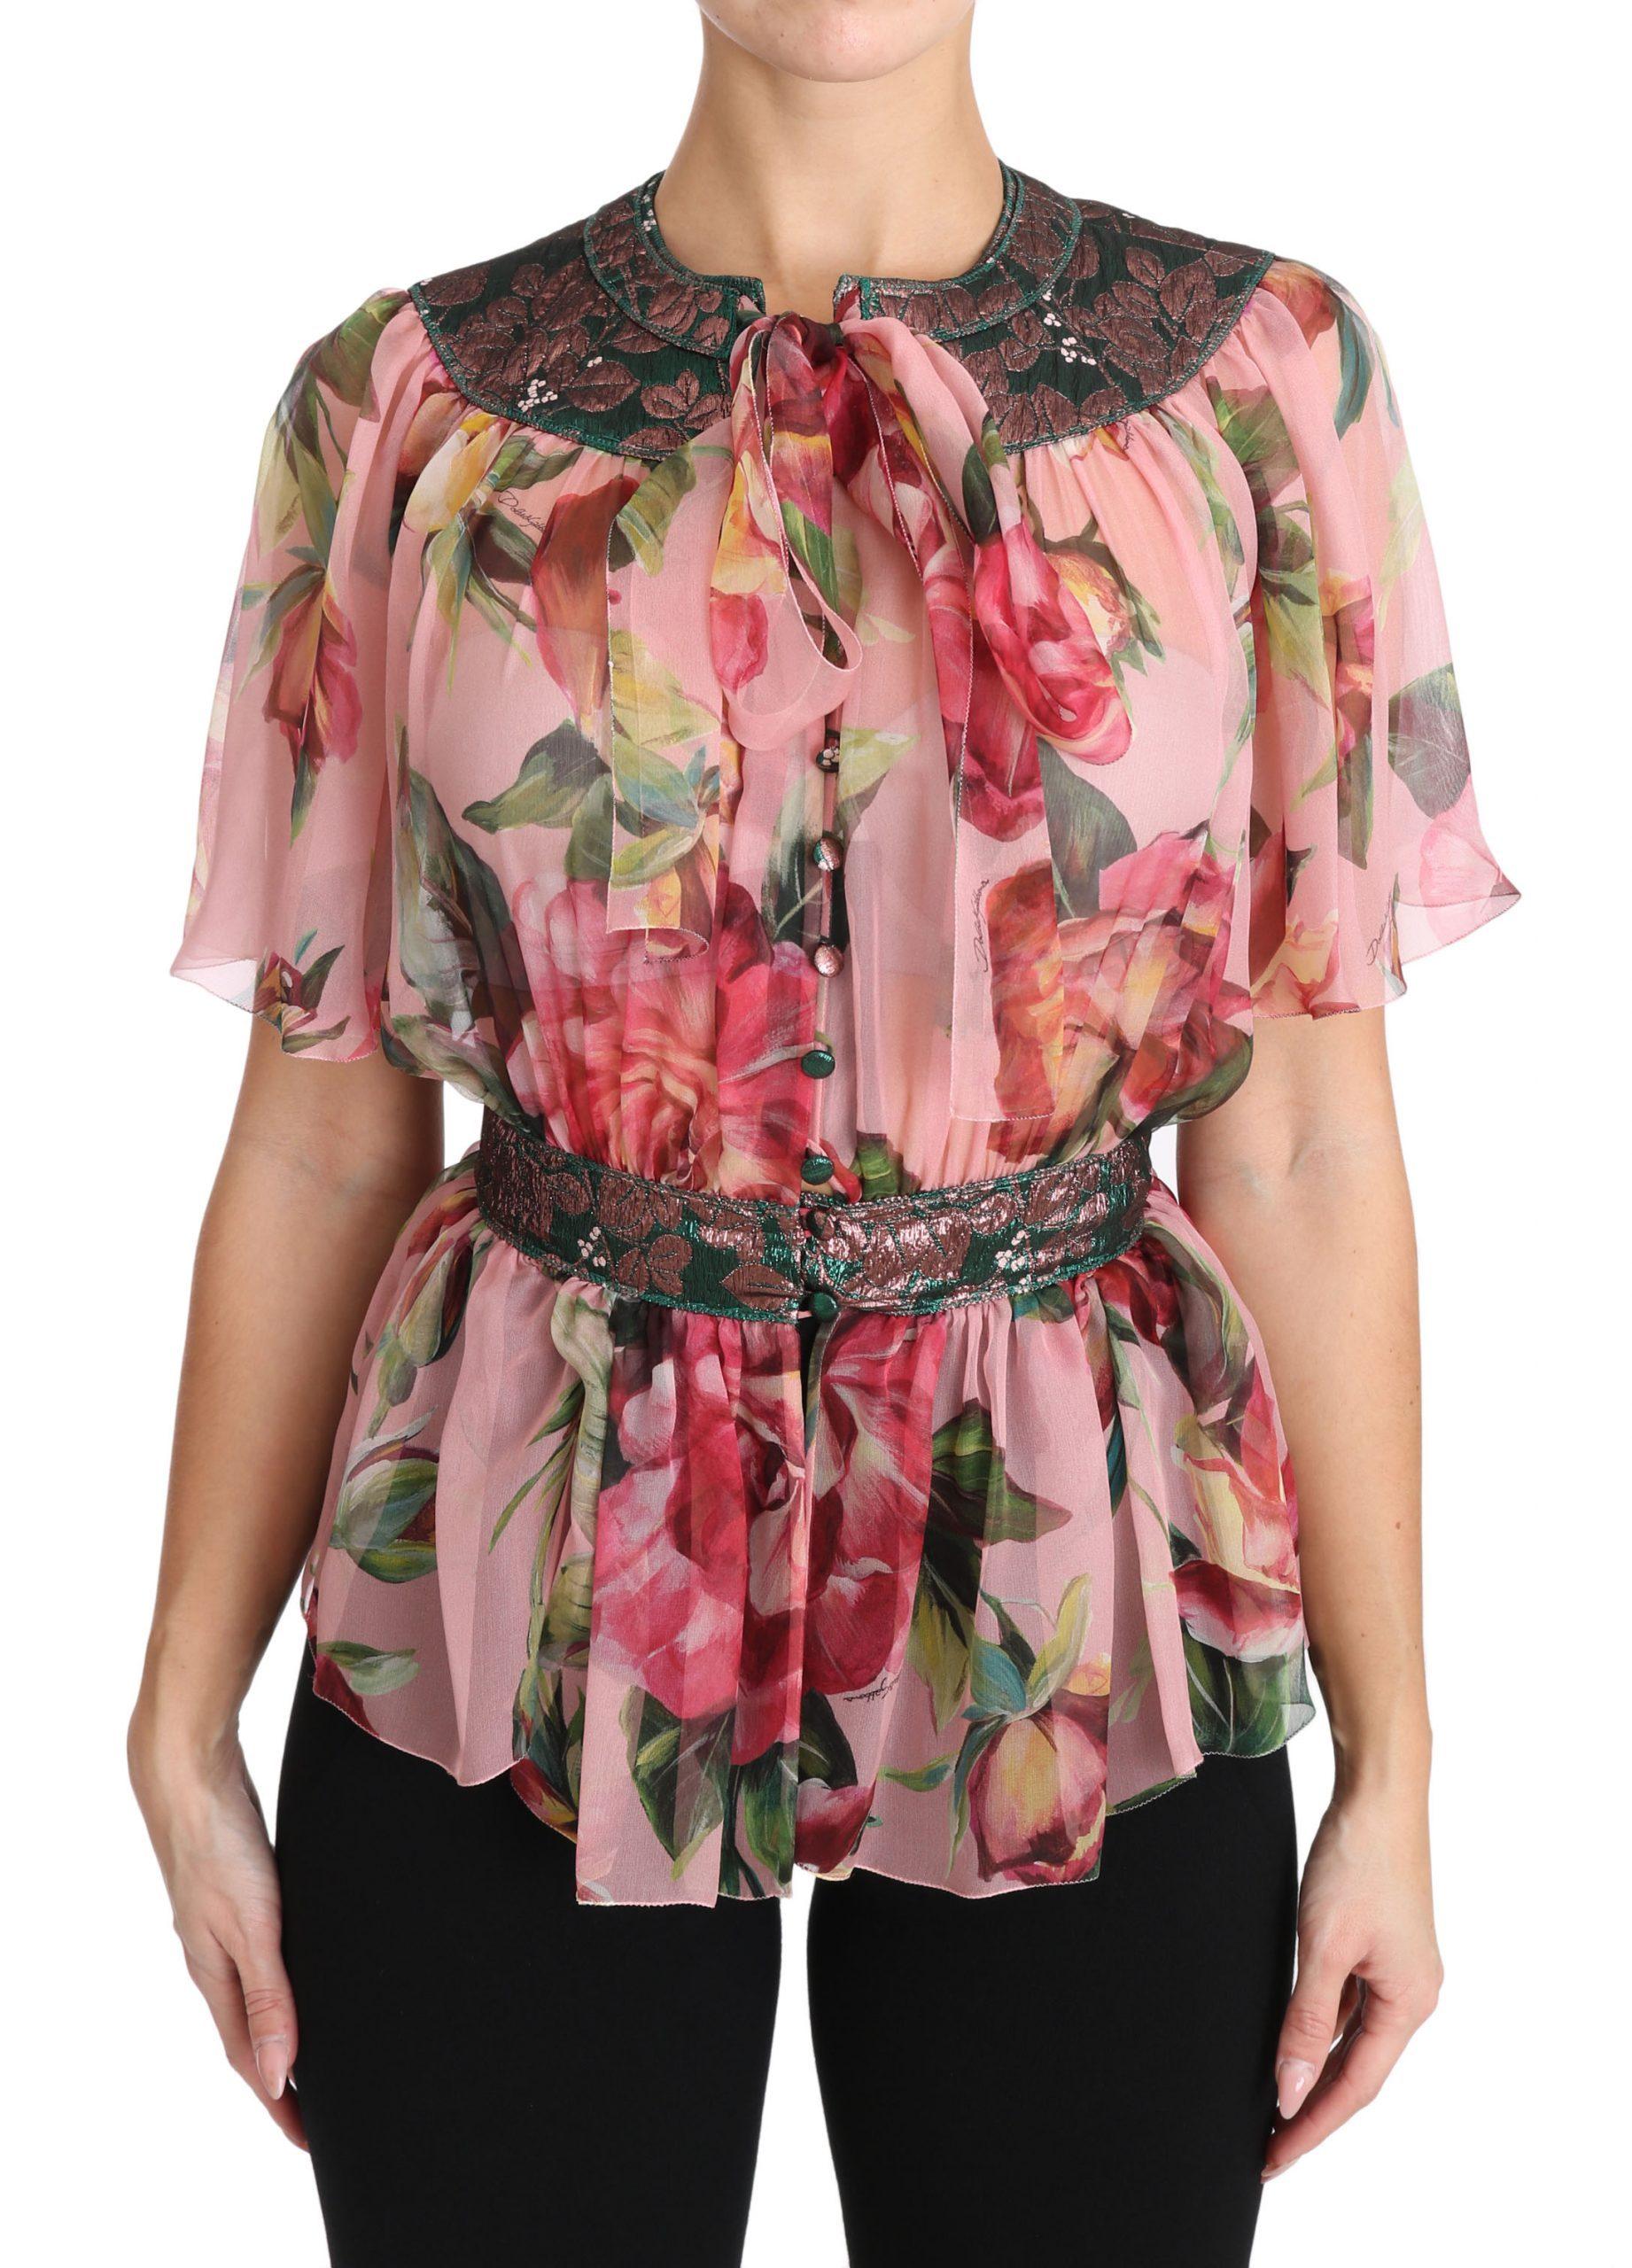 Dolce & Gabbana Women's Pussy Bow Tops Pink TSH3134 - IT36|XXS